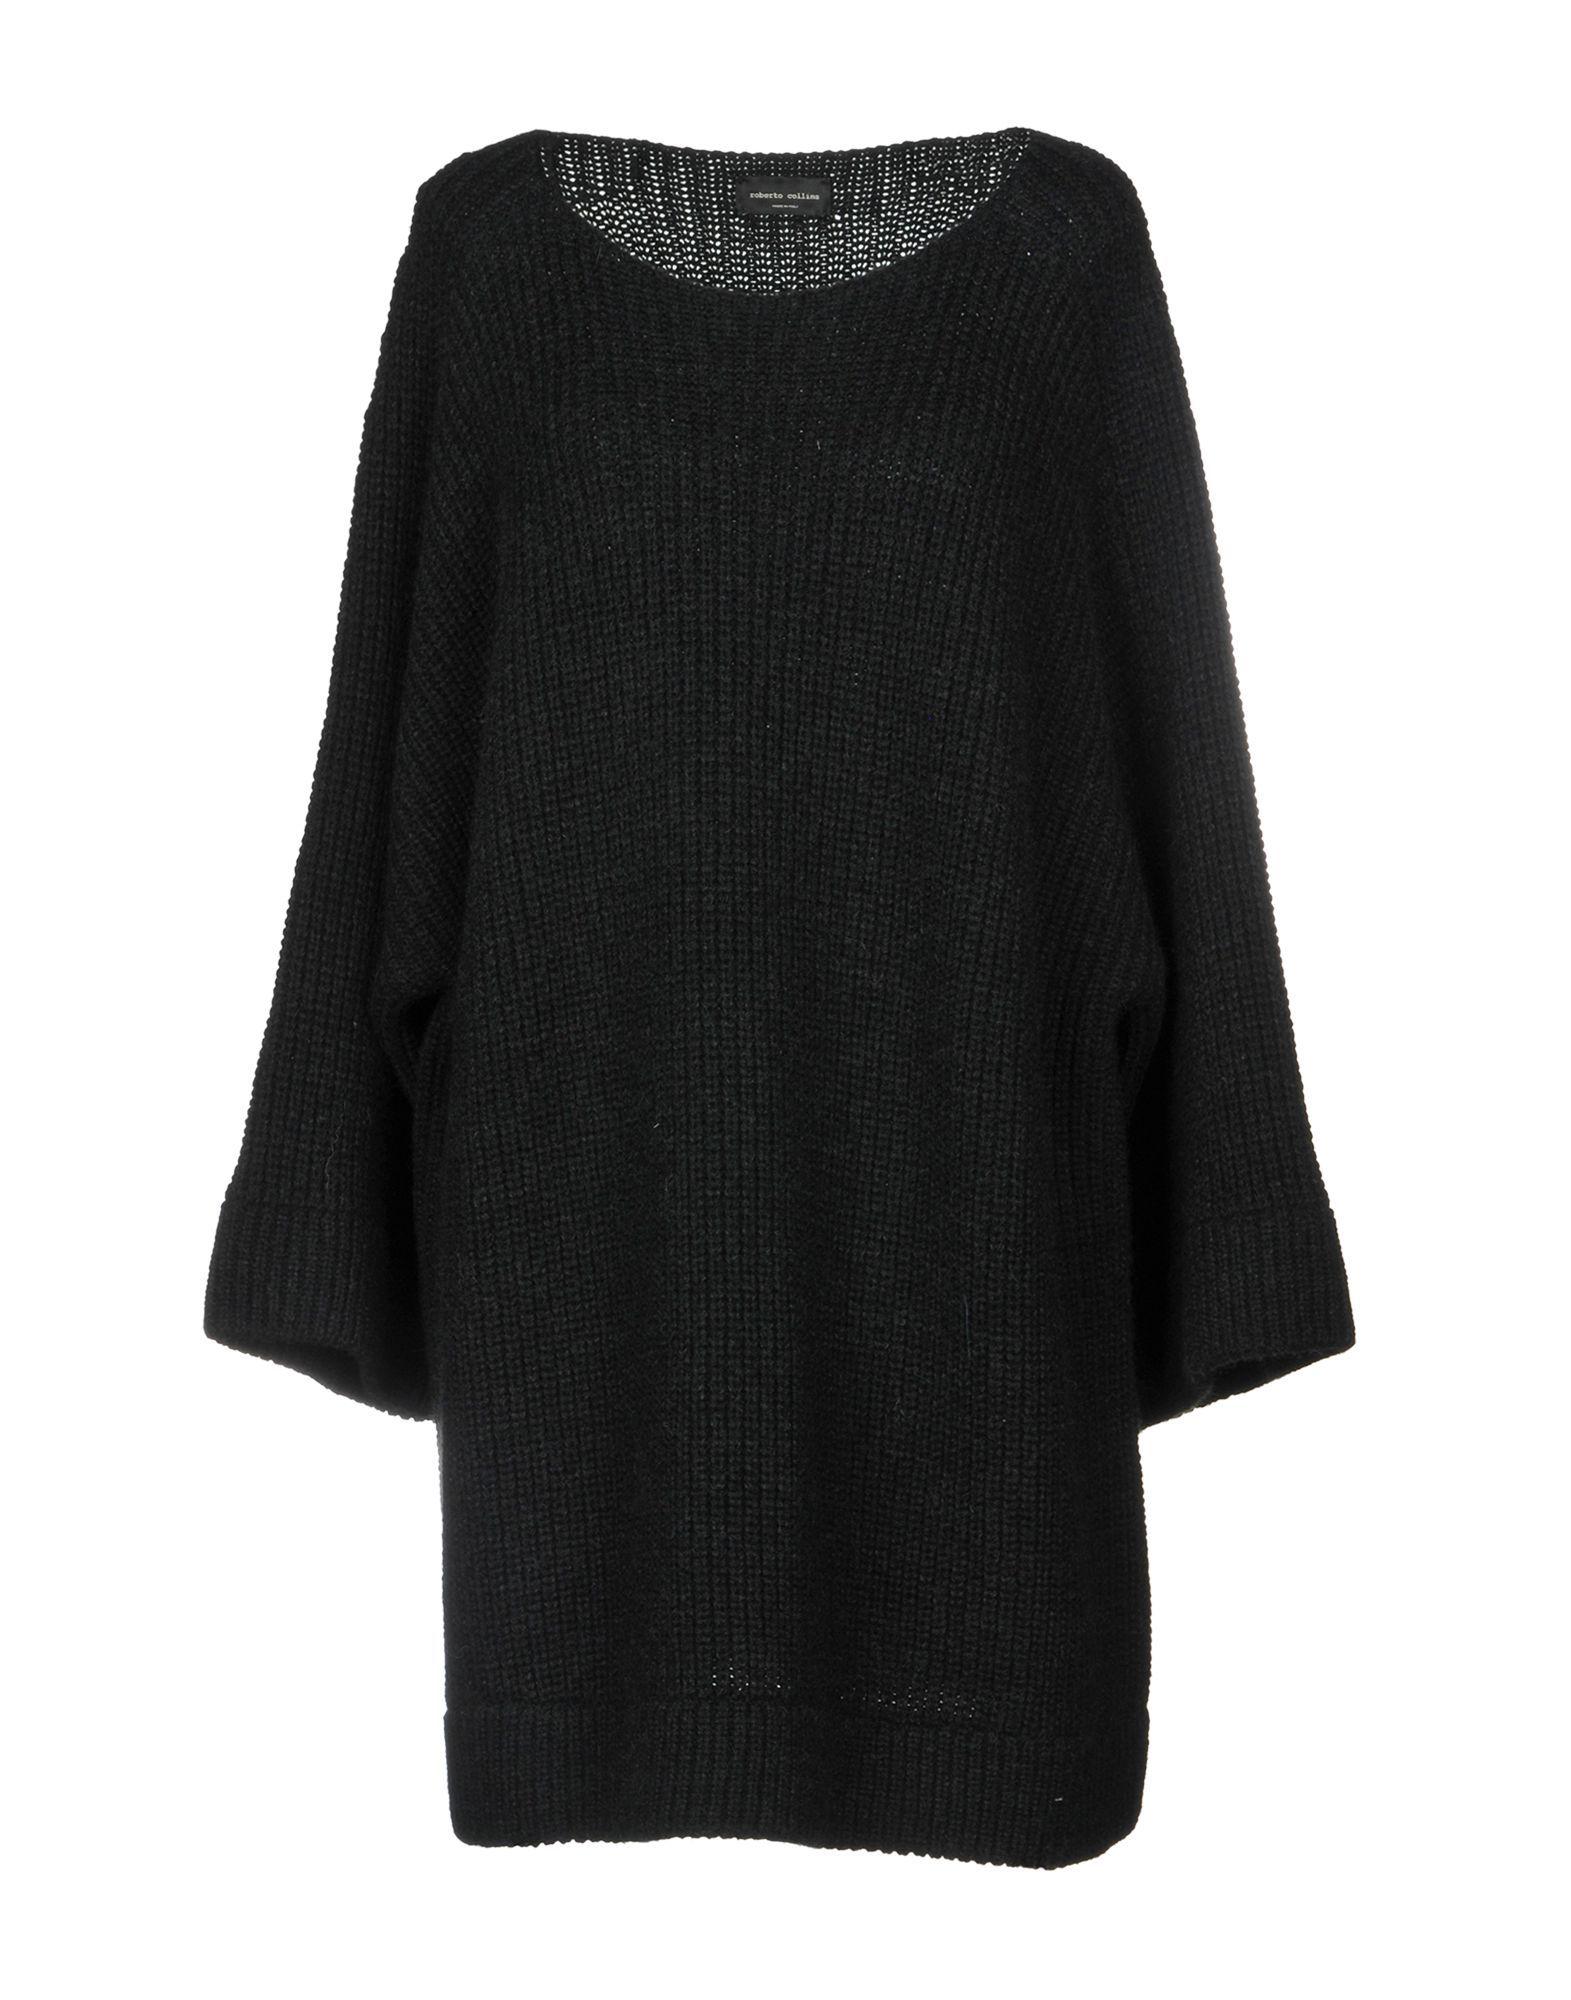 KNITWEAR Roberto Collina Black Woman Wool